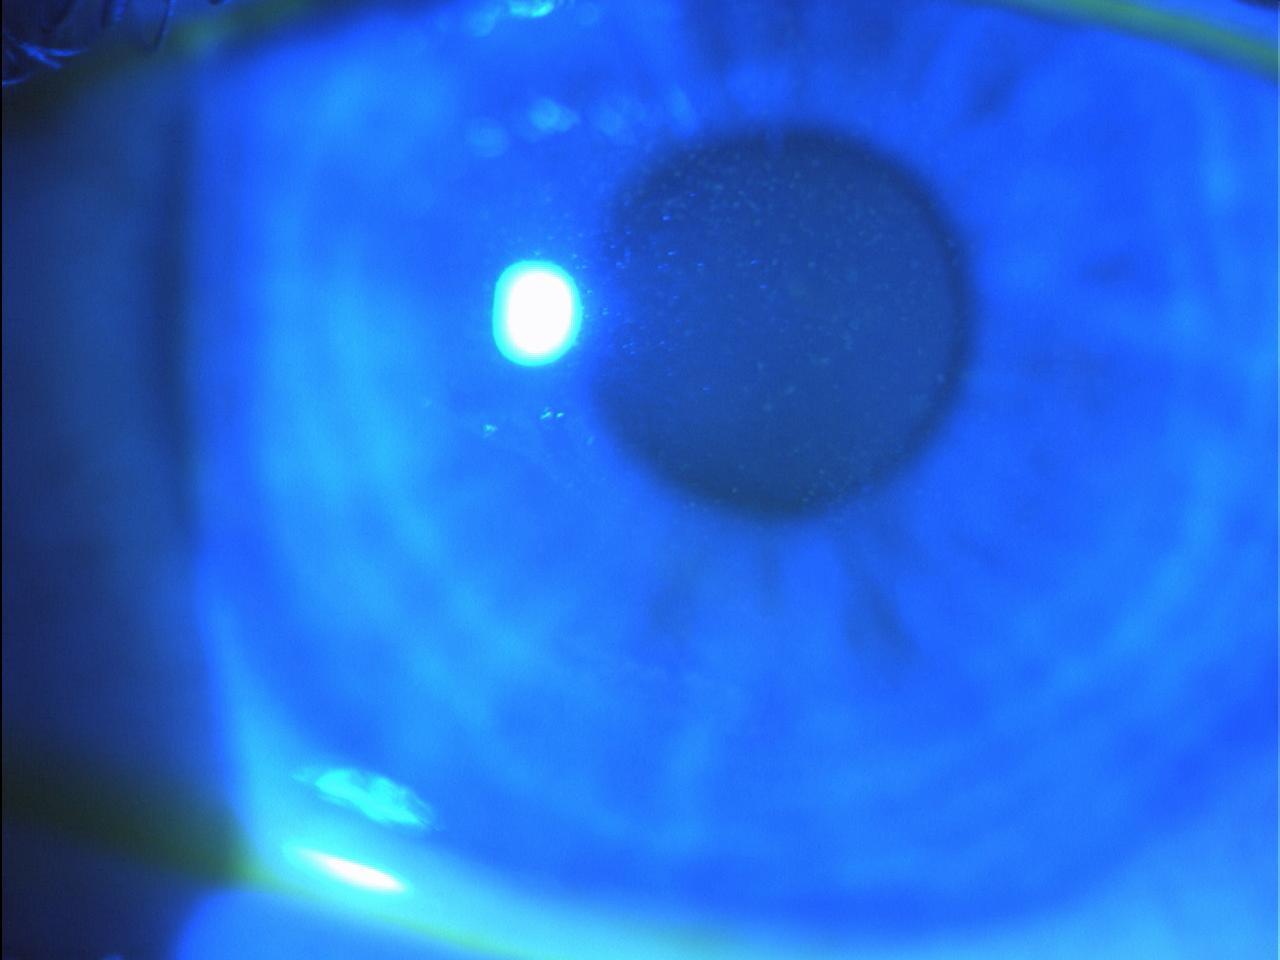 Figura 4 Cheratopatia puntata superficiale in paziente affetto da disfunzione del film lacrimale